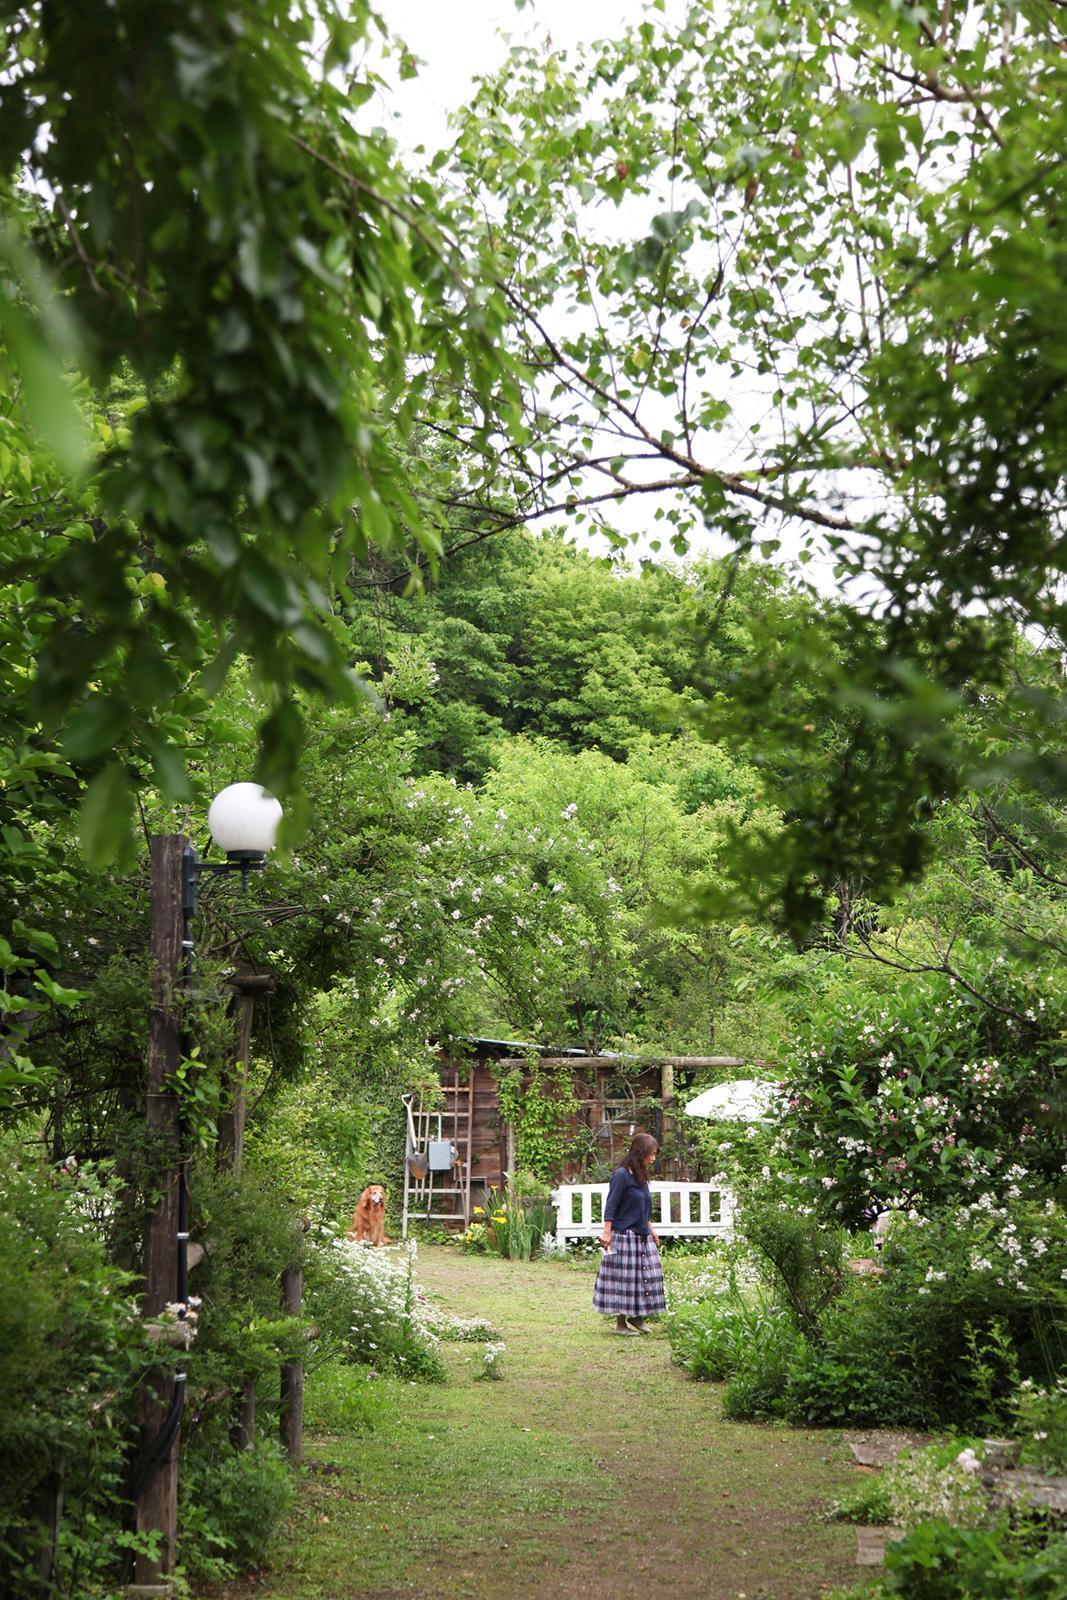 gardenfl023.jpg